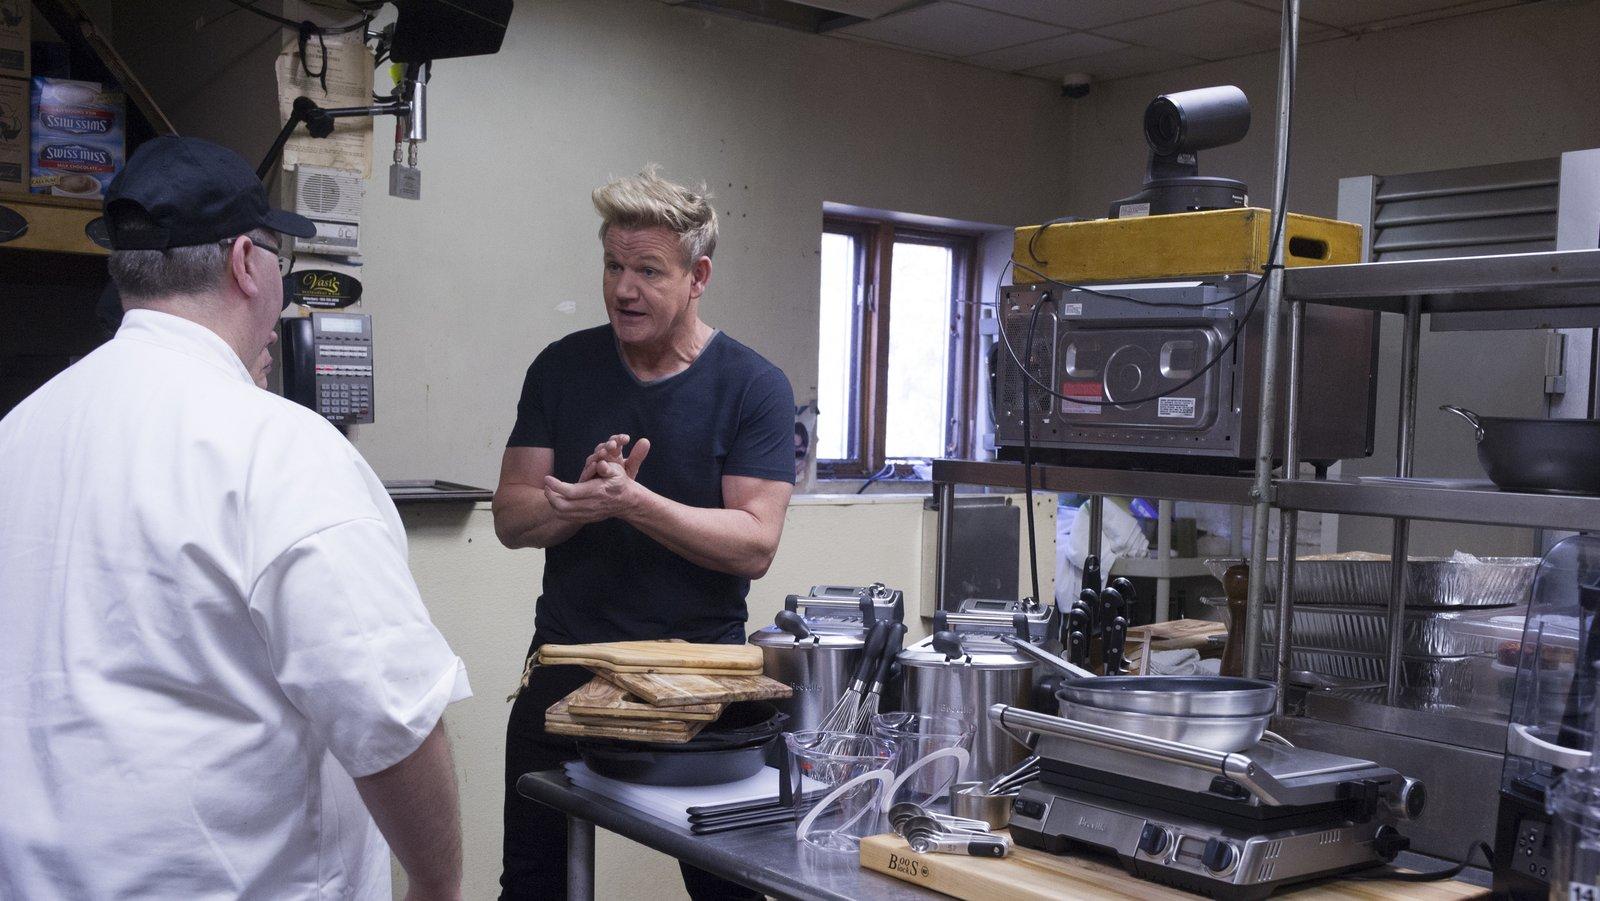 Gordon Ramsay In Teufels Küche Stream